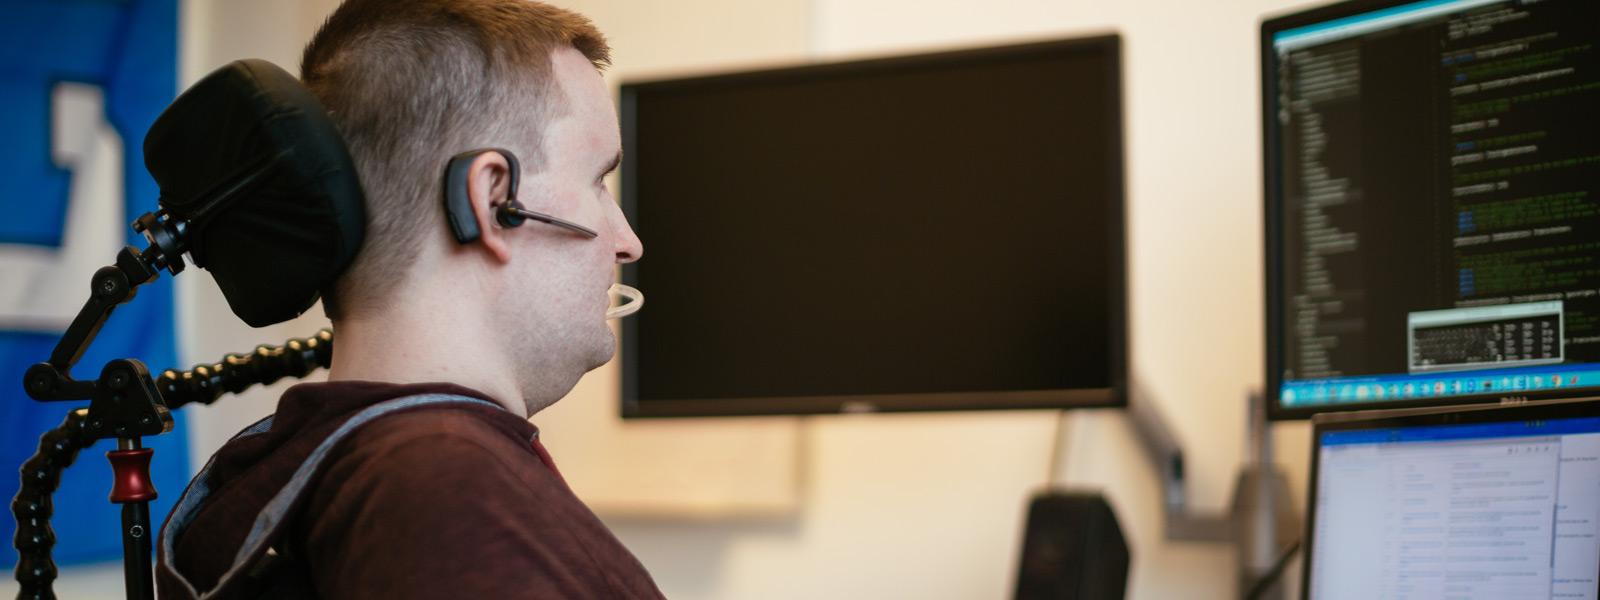 視線制御のあるWindows 10 を操作するためのアシスト ハードウェア テクノロジーを使う、デスクについている人